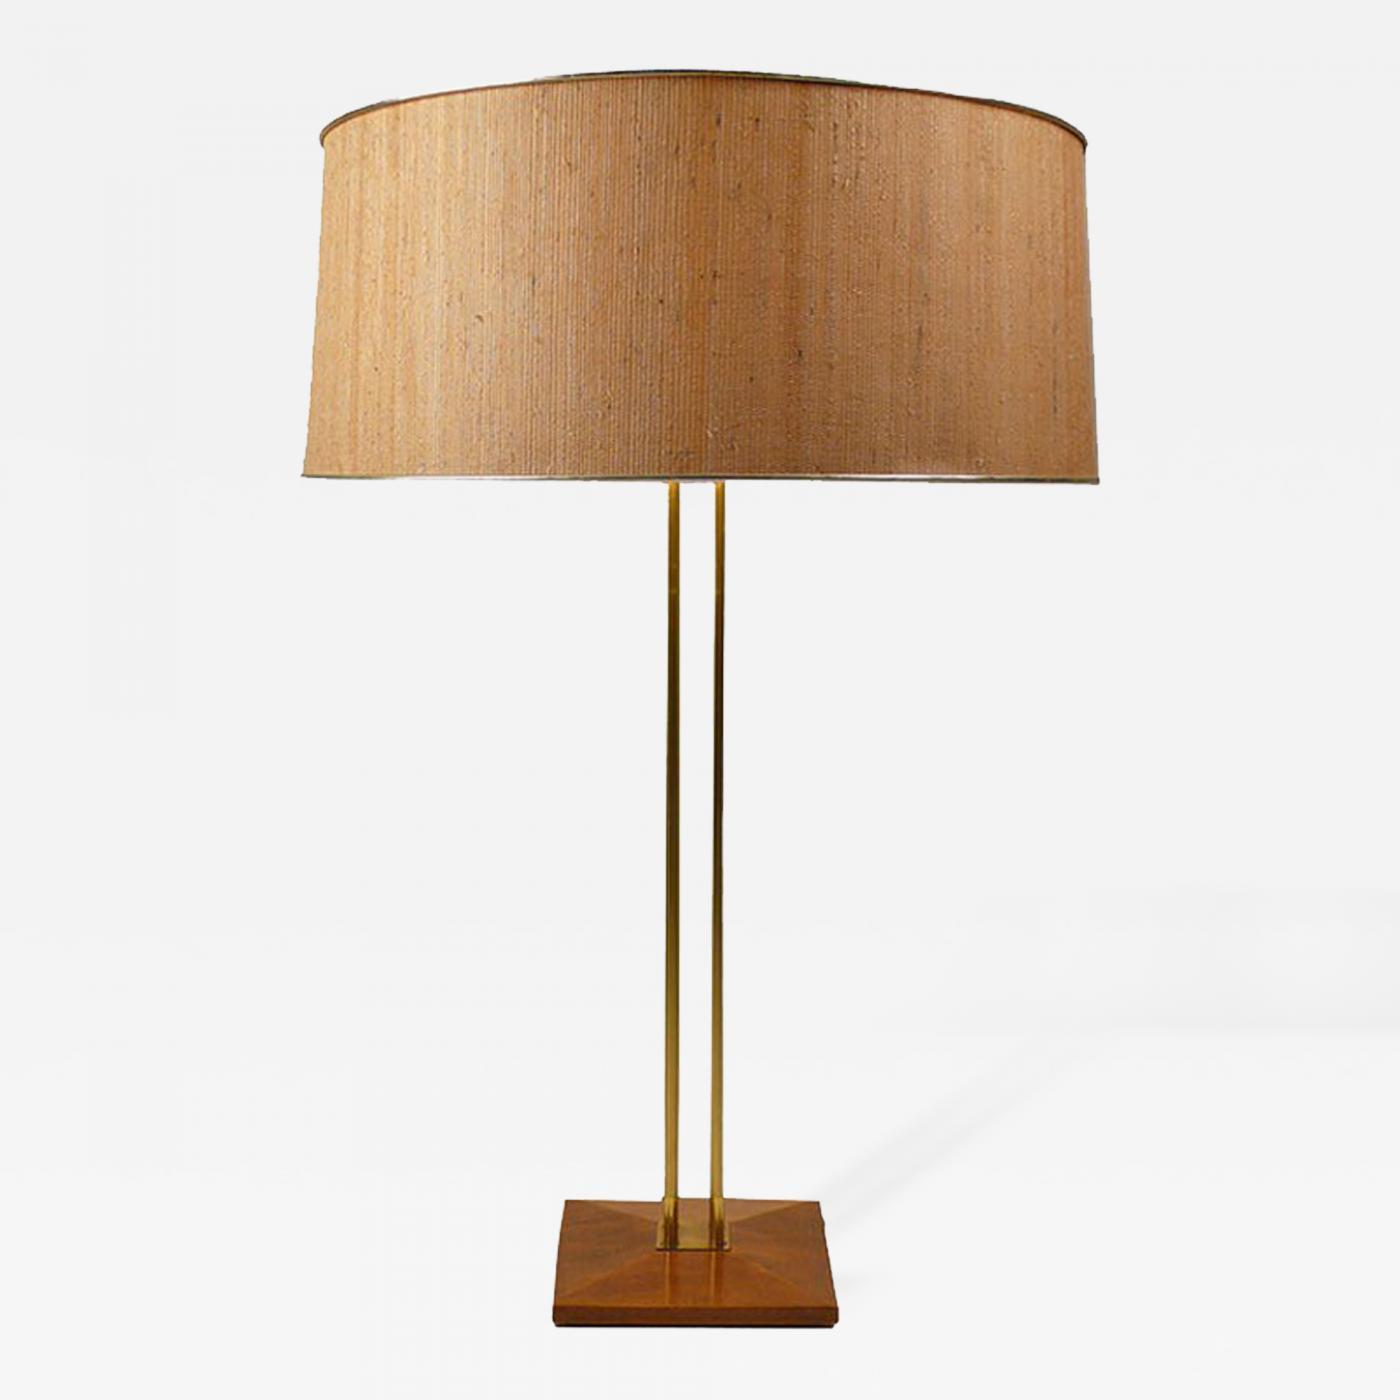 Gerald Thurston Gerald Thurston Table Lamp